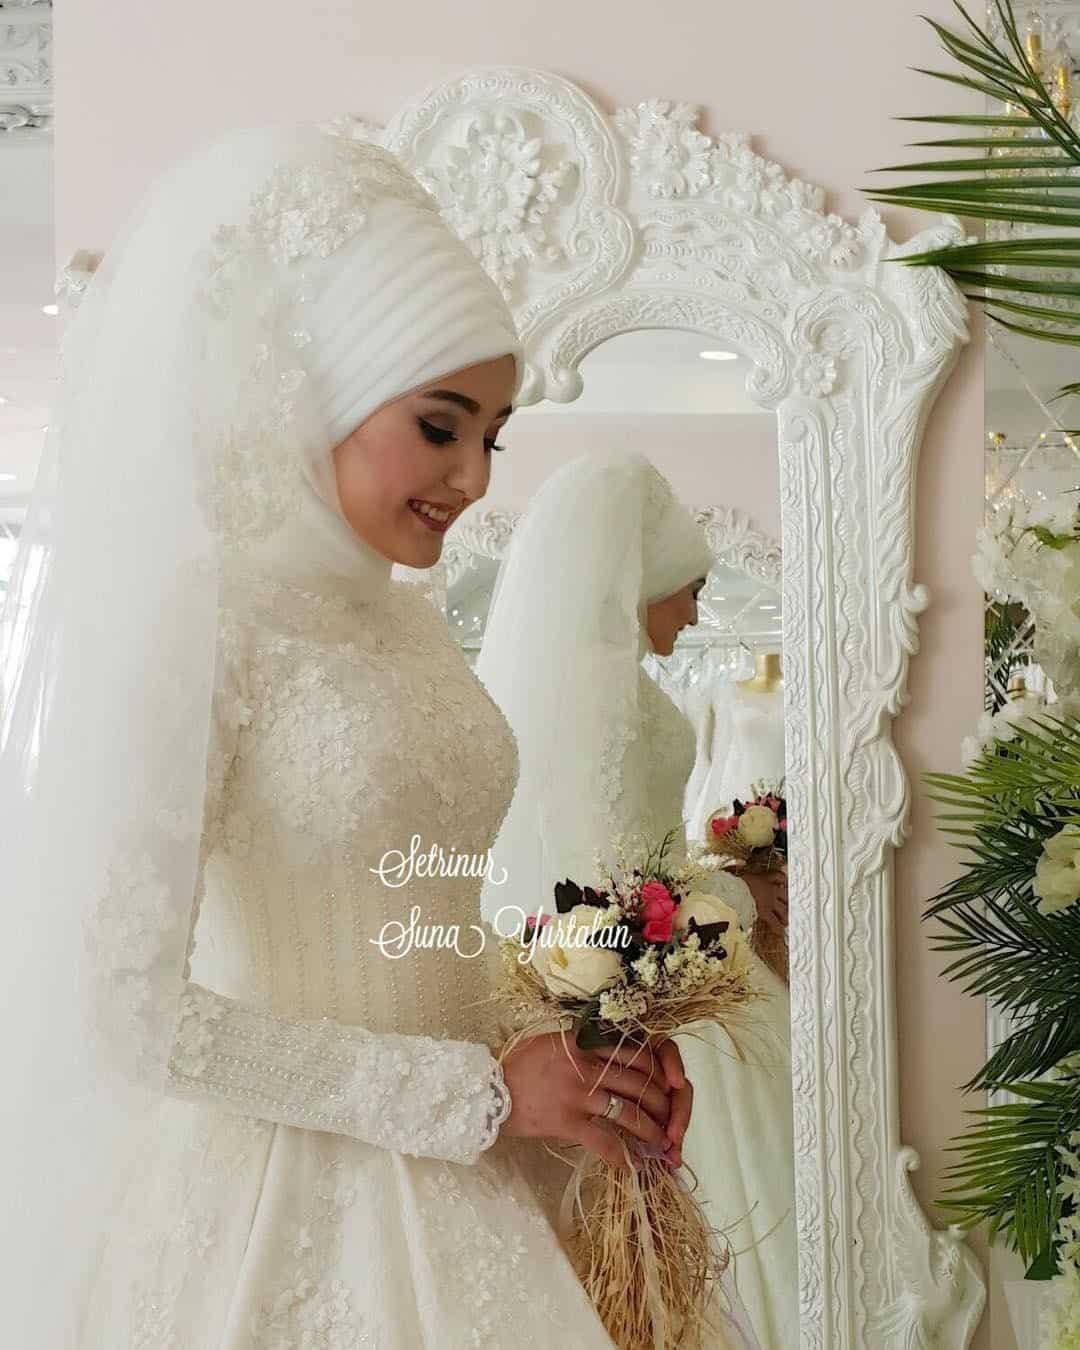 538a682af8089 Setri Nur - Gelinlik Modelleri ve Fiyatları - Düğün Buketi